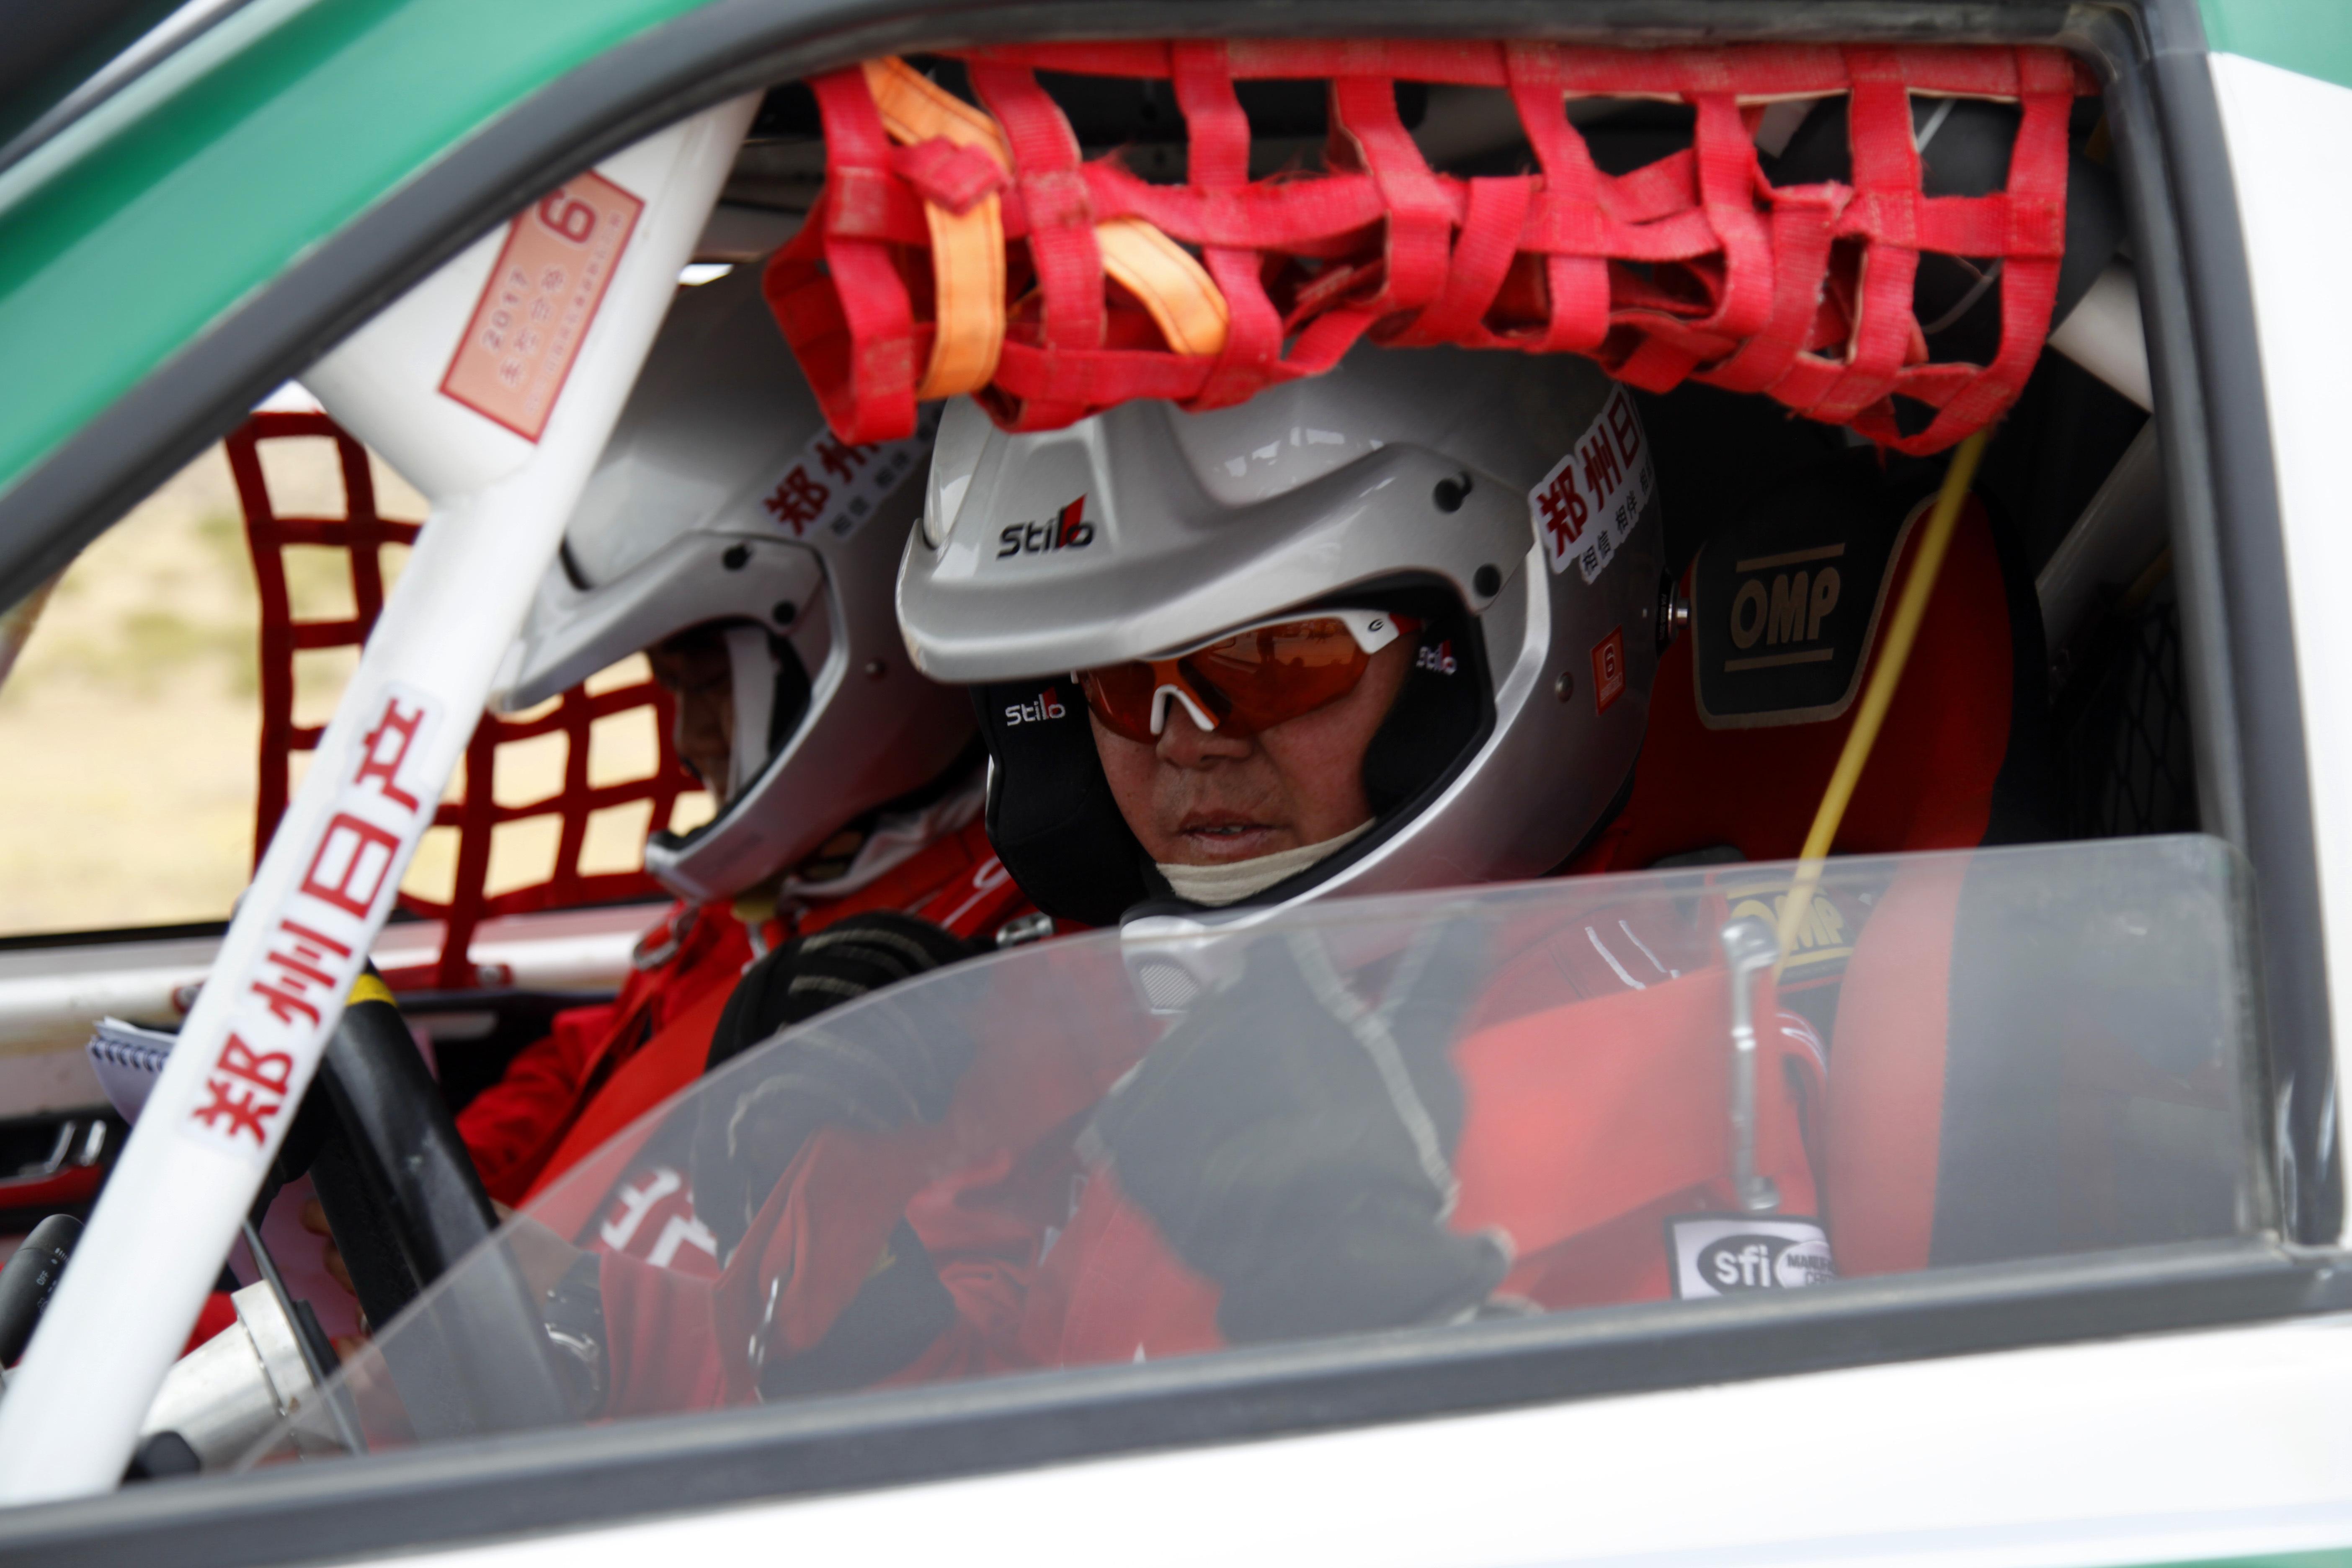 【直击达喀尔】SS2赛段,日产锐骐车手领先江西五十铃3分18秒,获得赛段冠军